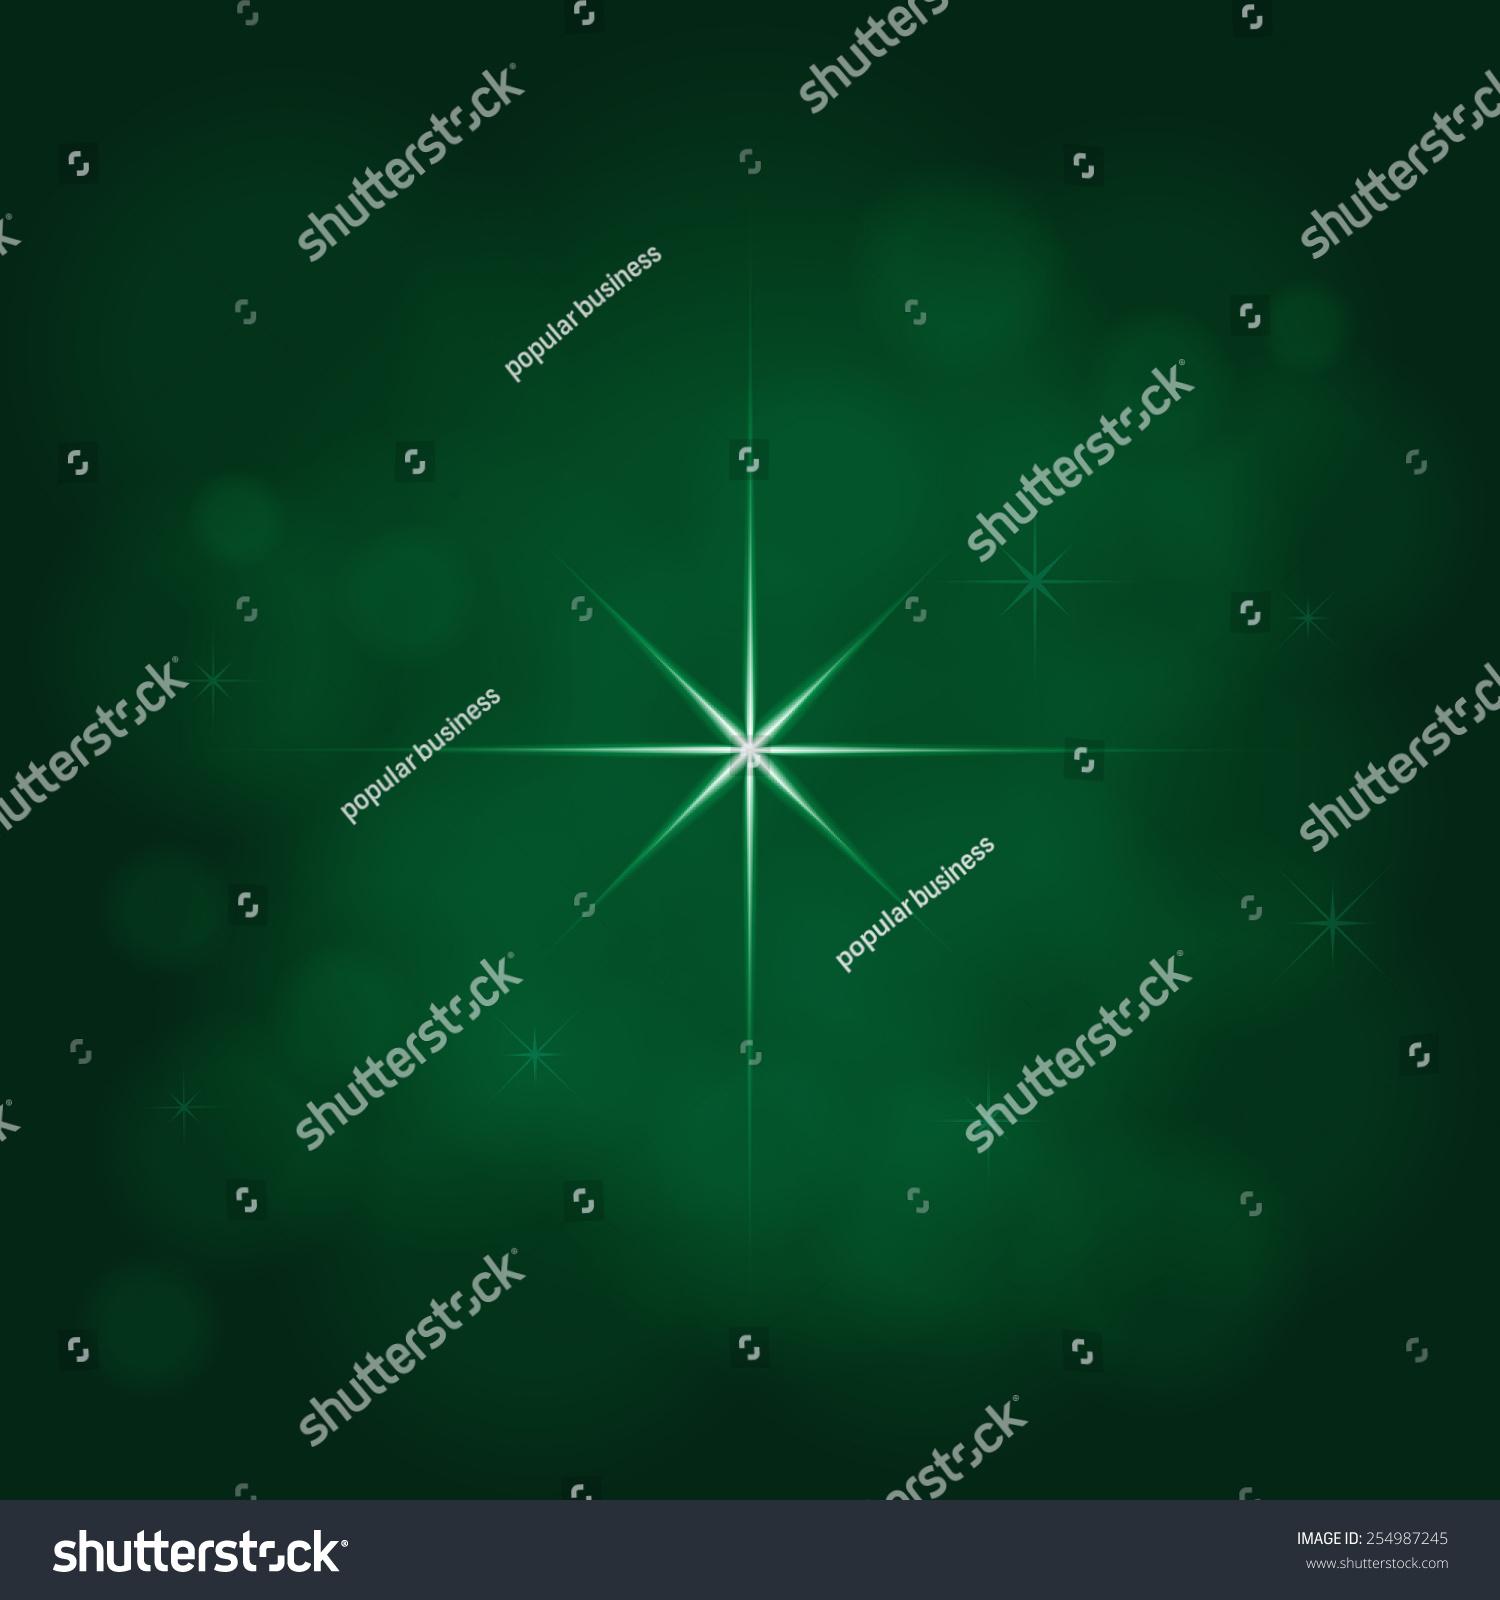 文摘星魔法光天空泡绿毒翡翠背景变得模糊